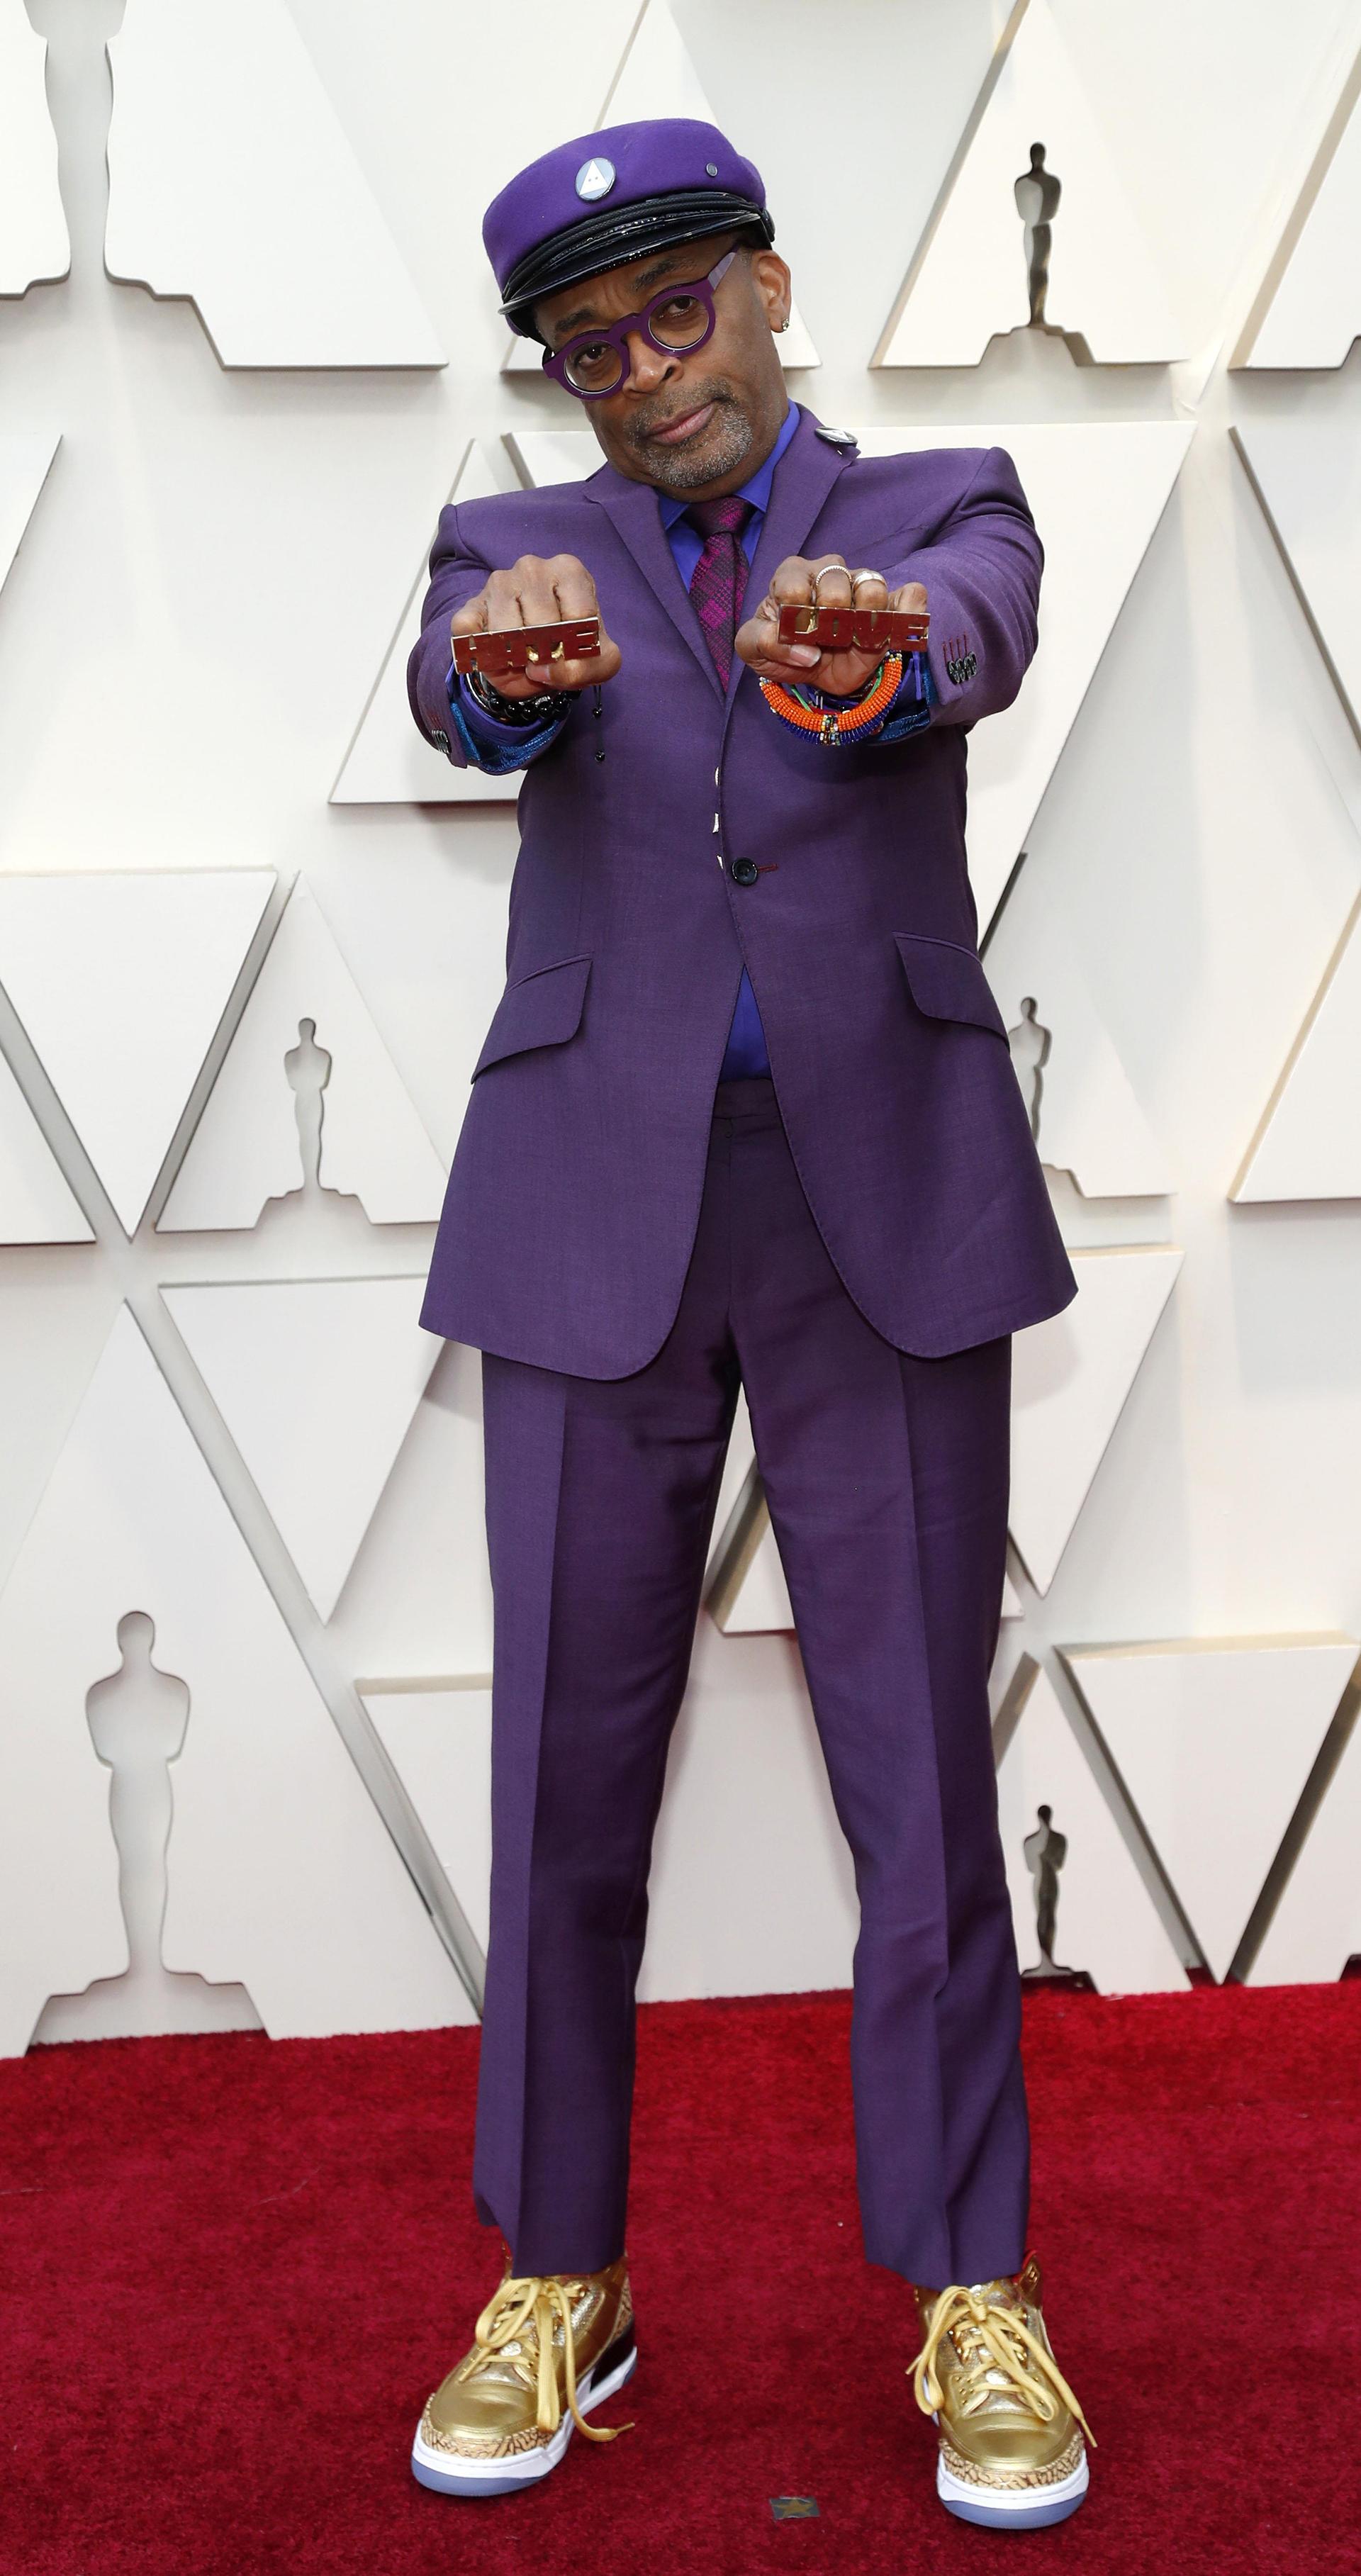 Spike Lee eligió un total look en diferentes tonalidades de violeta. Completó el look con zapatillas deportivas doradas y boina